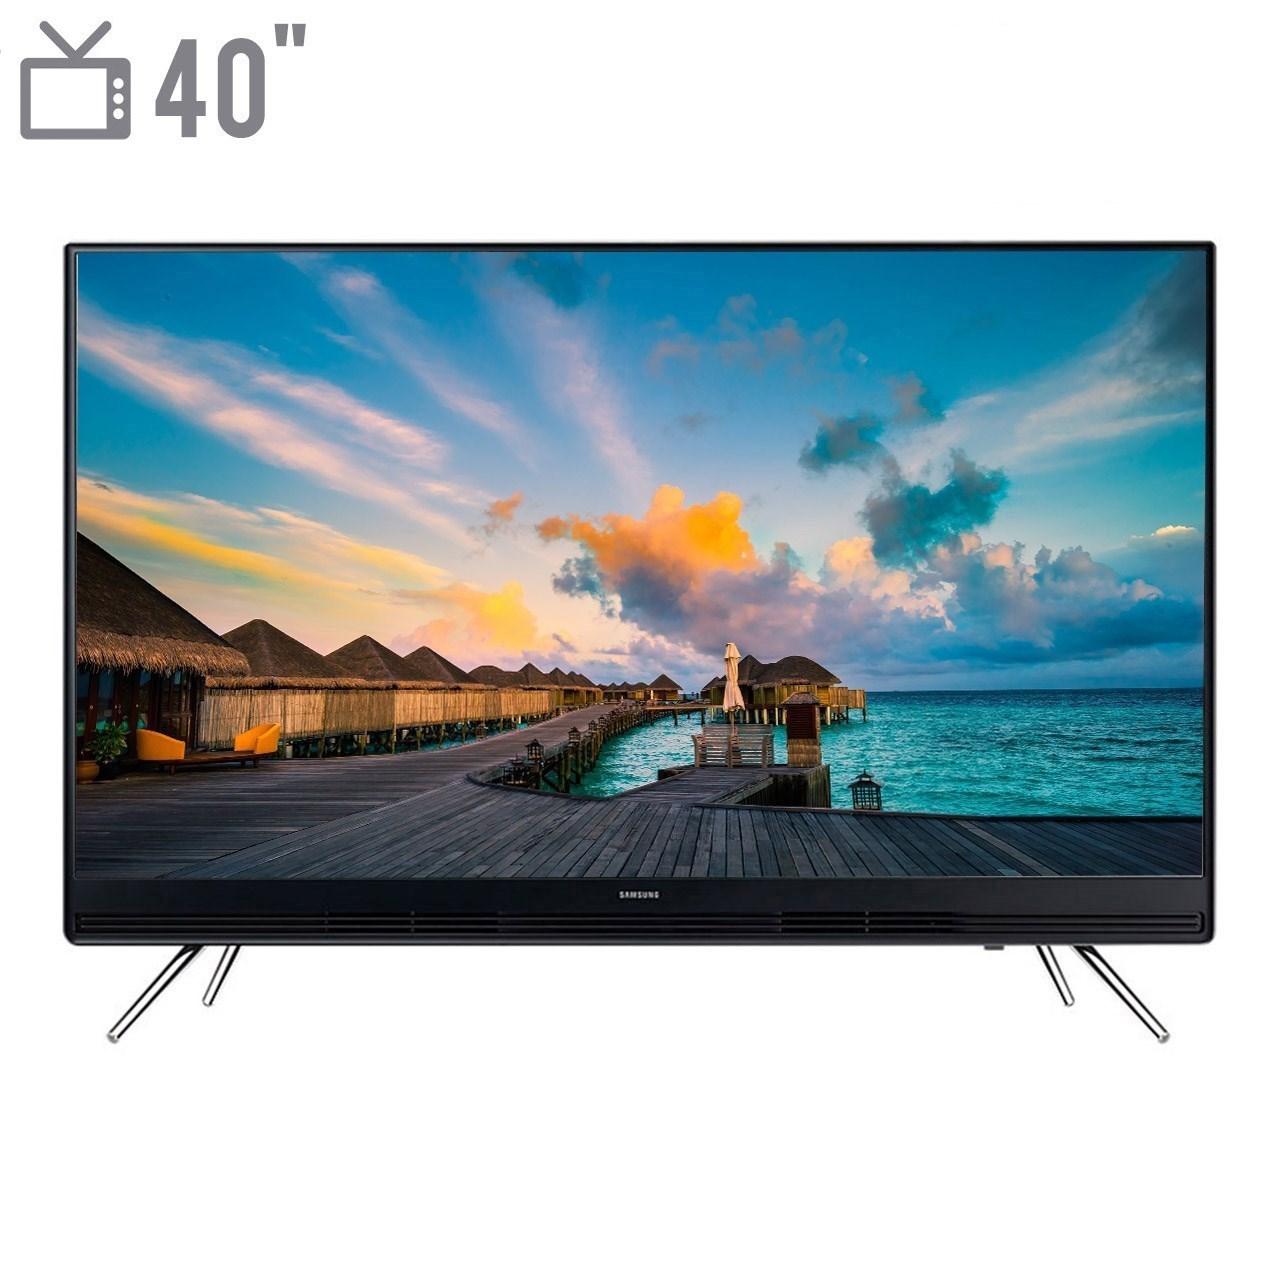 تلویزیون ال ای دی هوشمند سامسونگ مدل 40M5950 سایز 40 اینچ